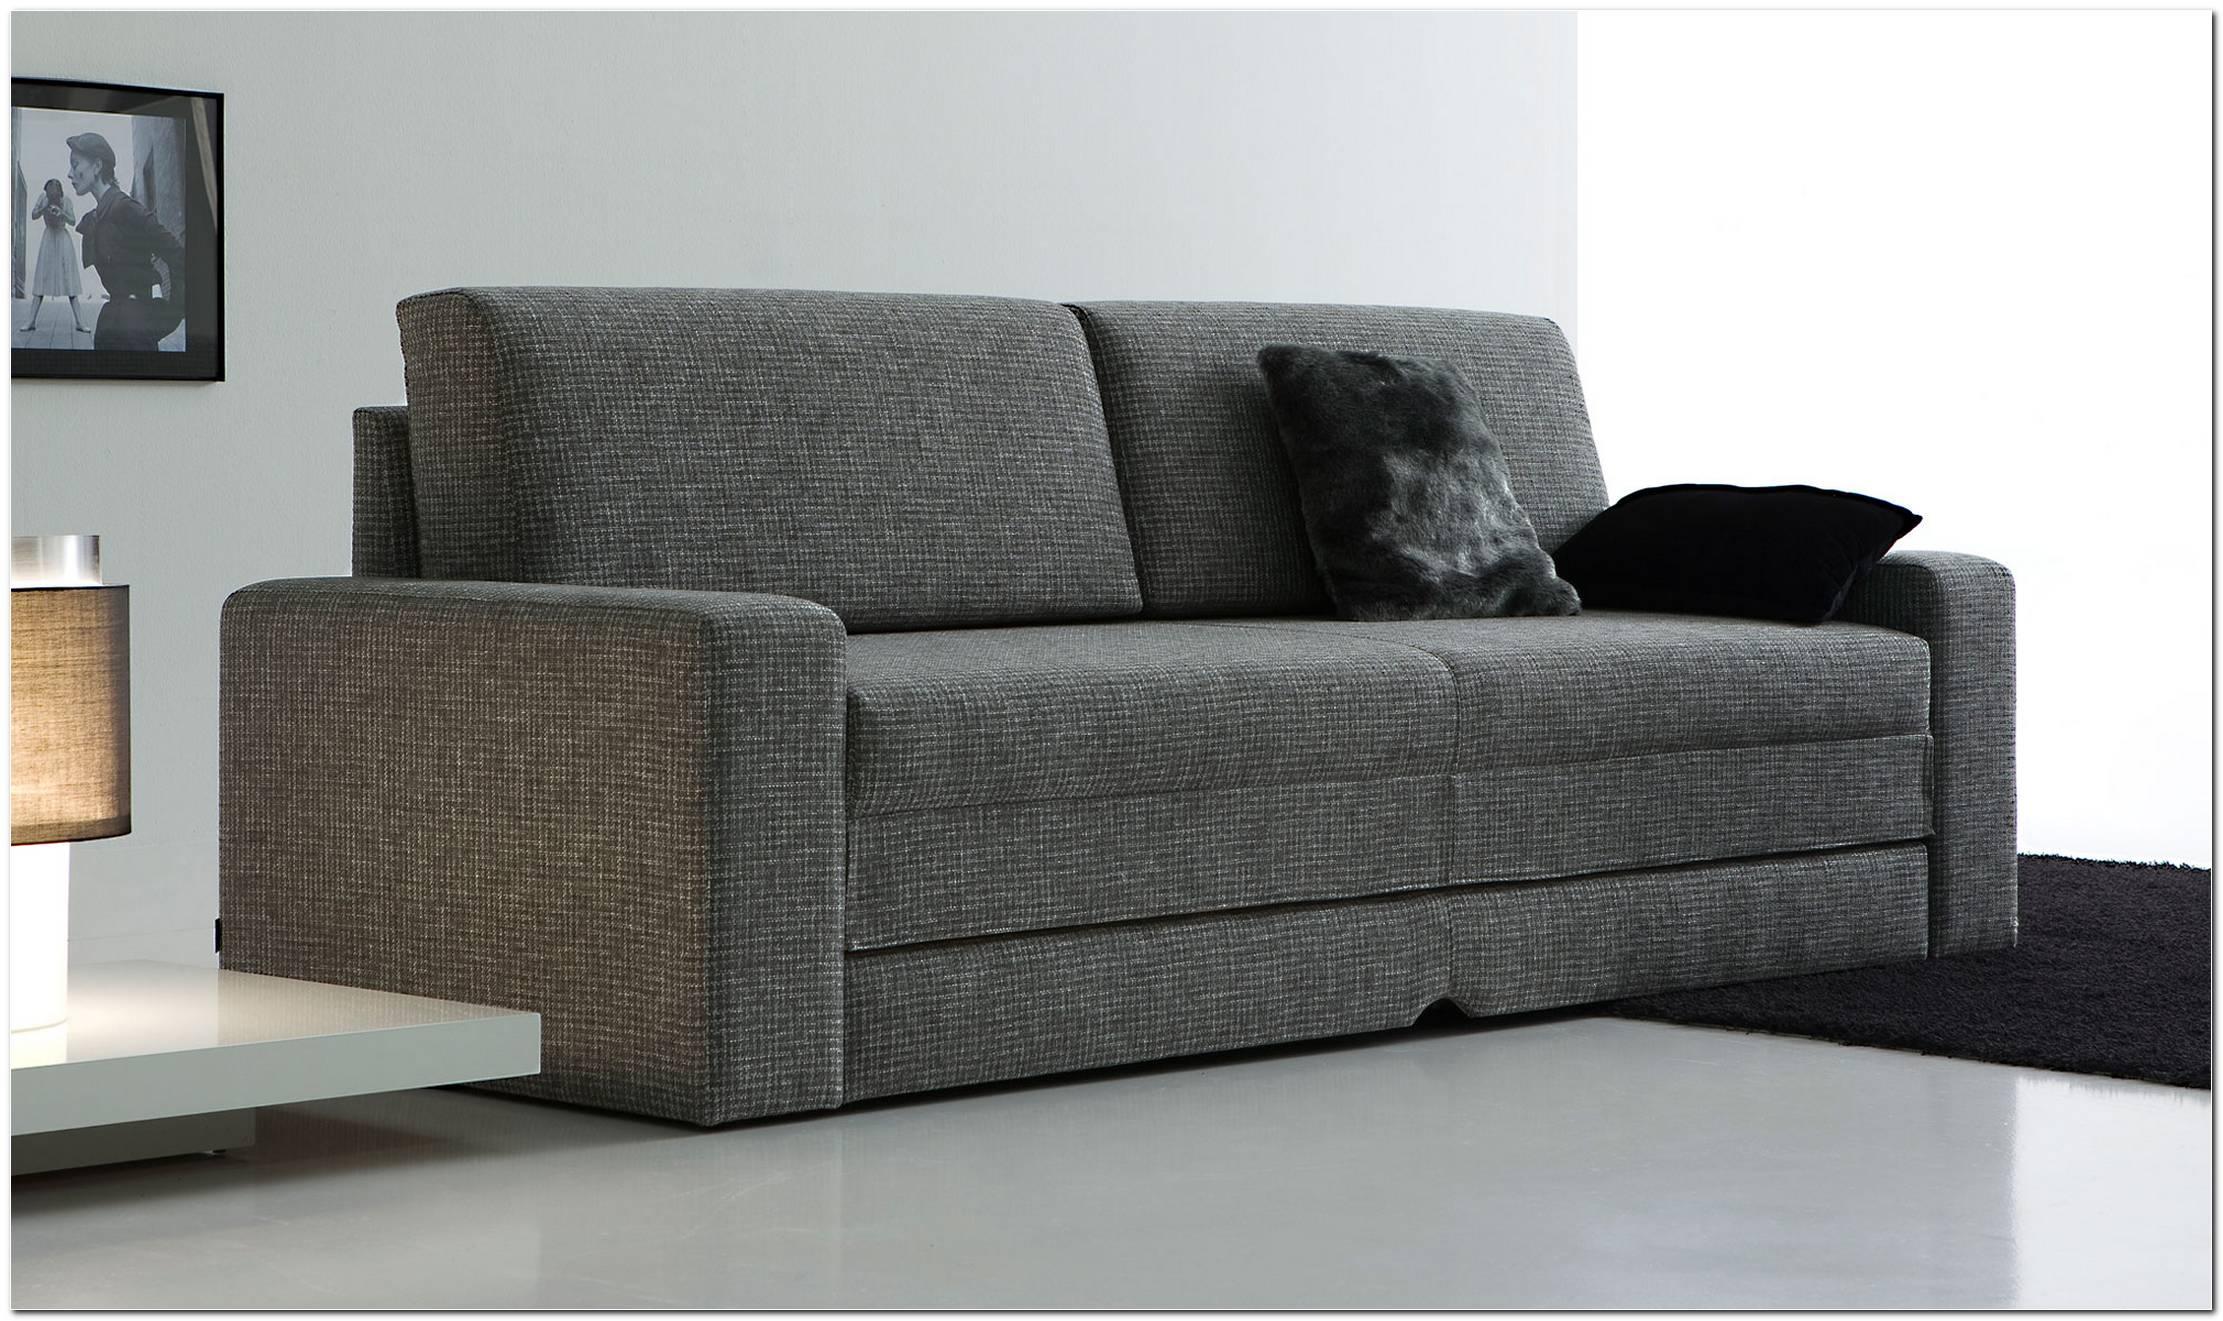 Fotos De Sofa Camas Modernos